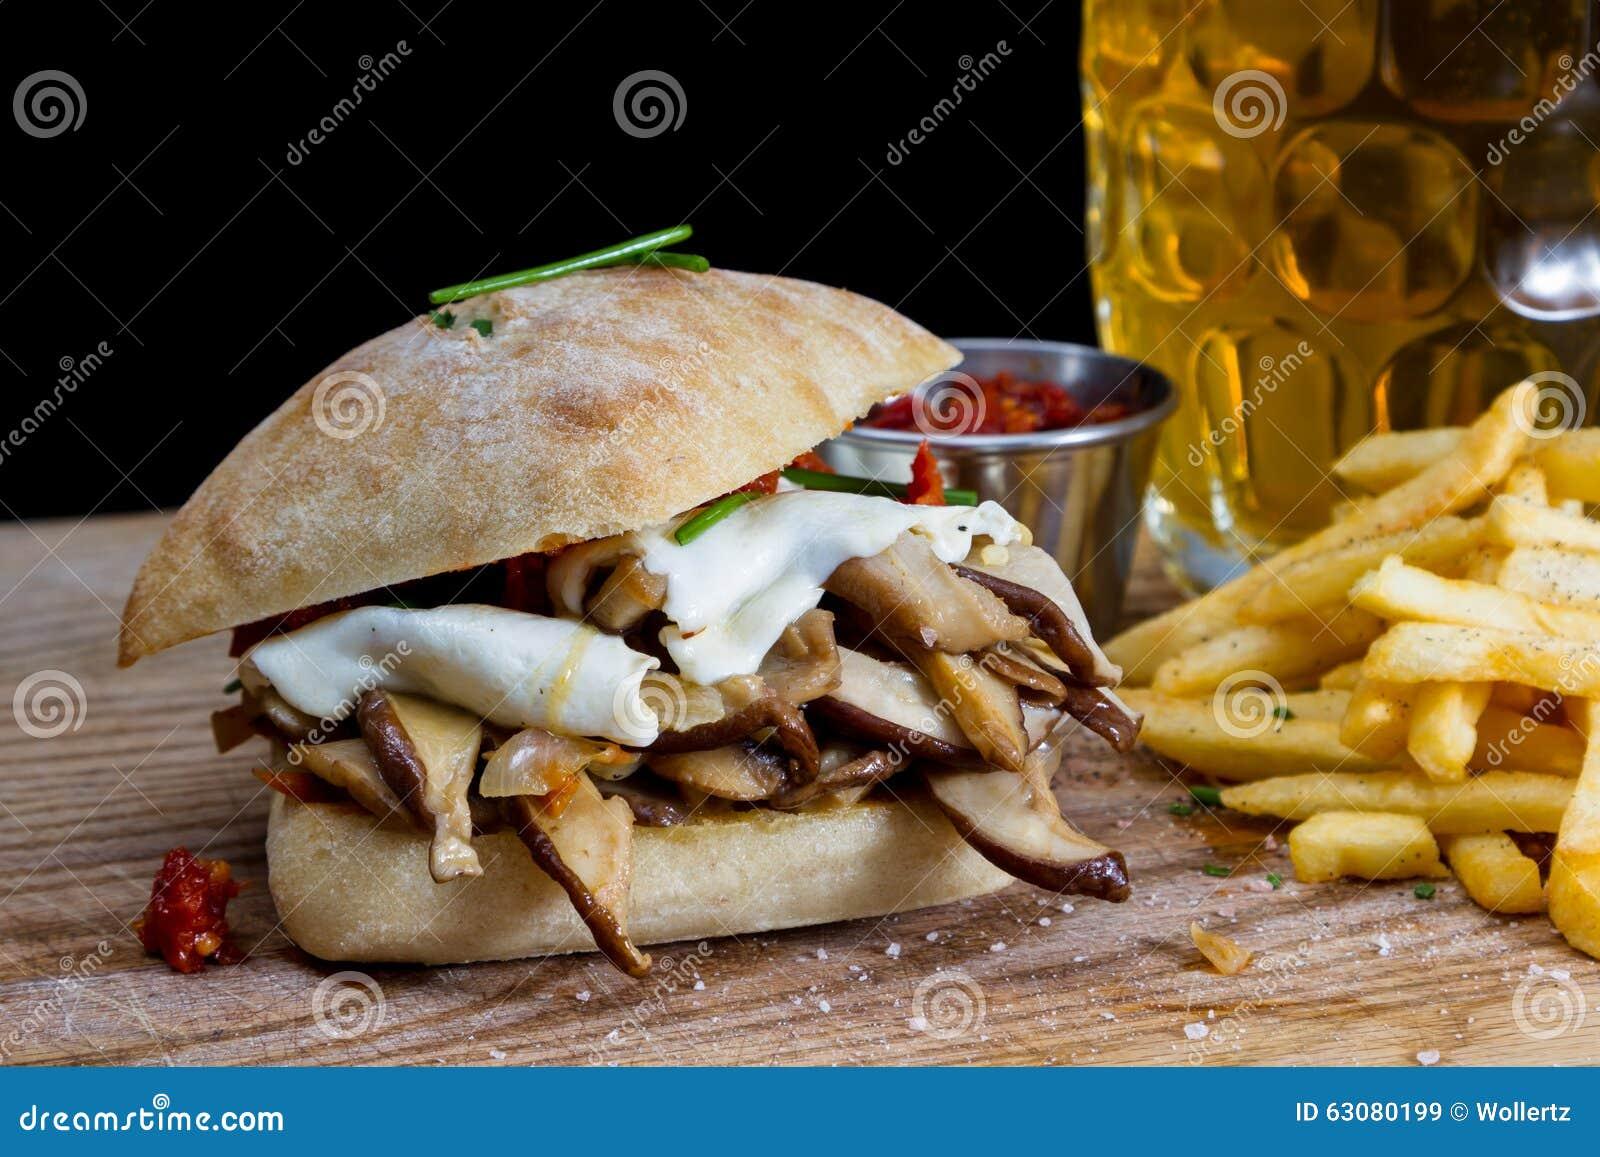 Download Sandwich à champignon image stock. Image du saveur, noir - 63080199